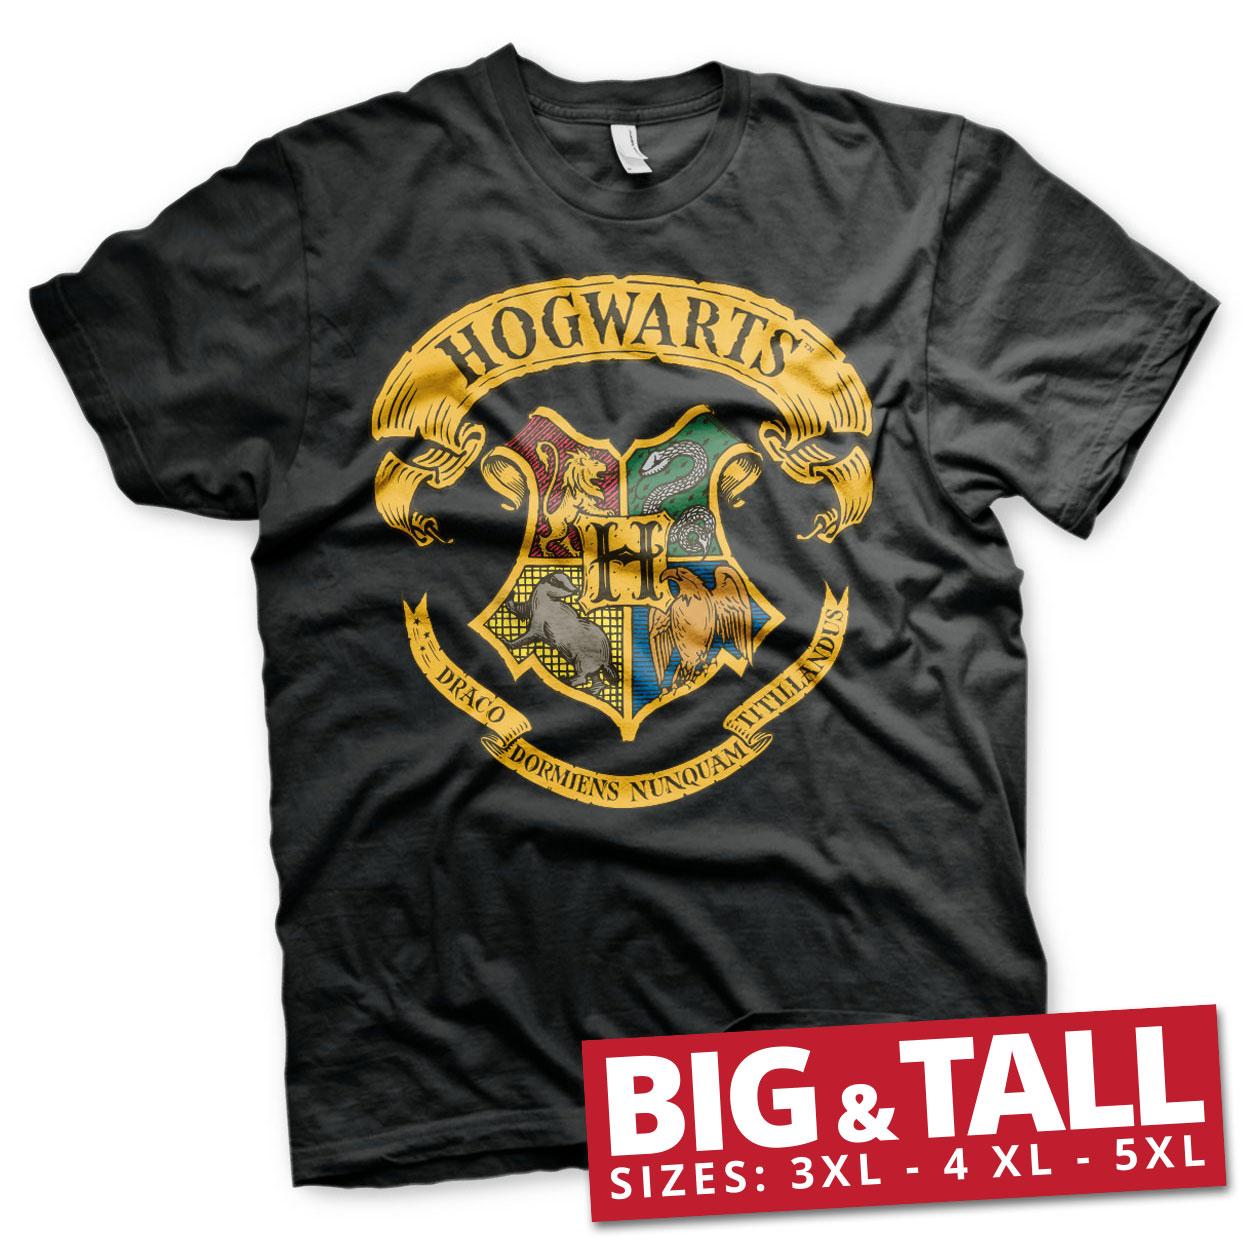 Hogwarts Crest Big & Tall T-Shirt